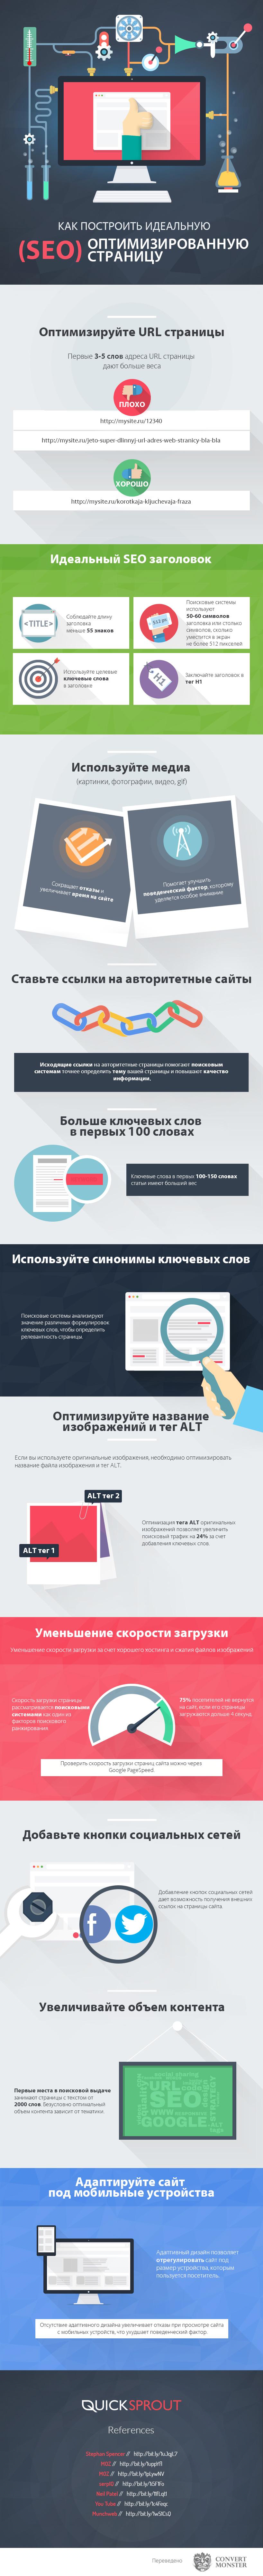 Идеальная SEO оптимизация страницы сайта